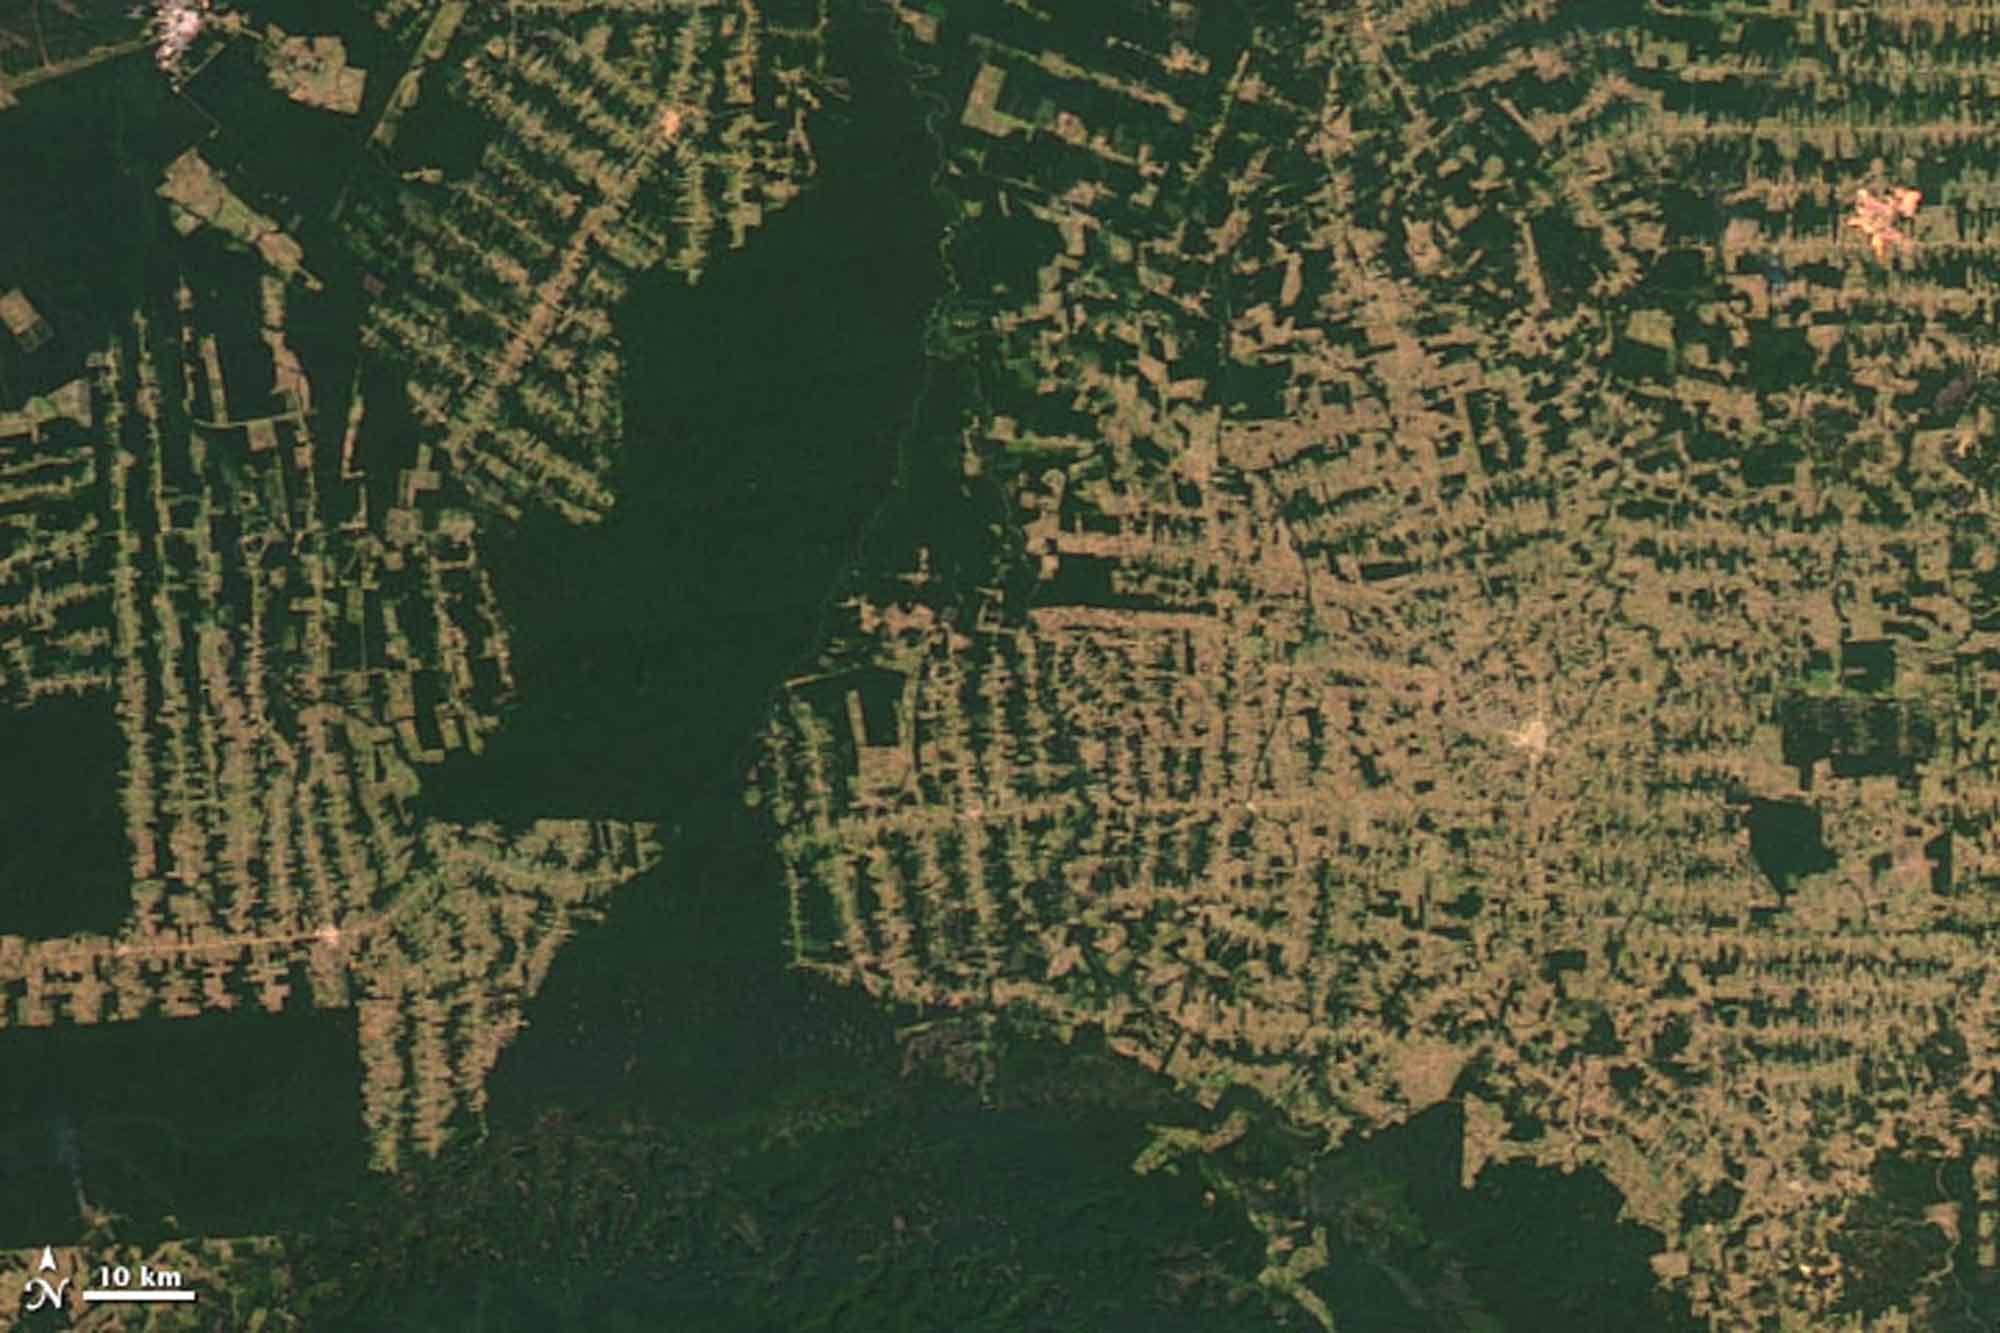 Rondonia Amazonas 2012 / Earth Observatory NASA